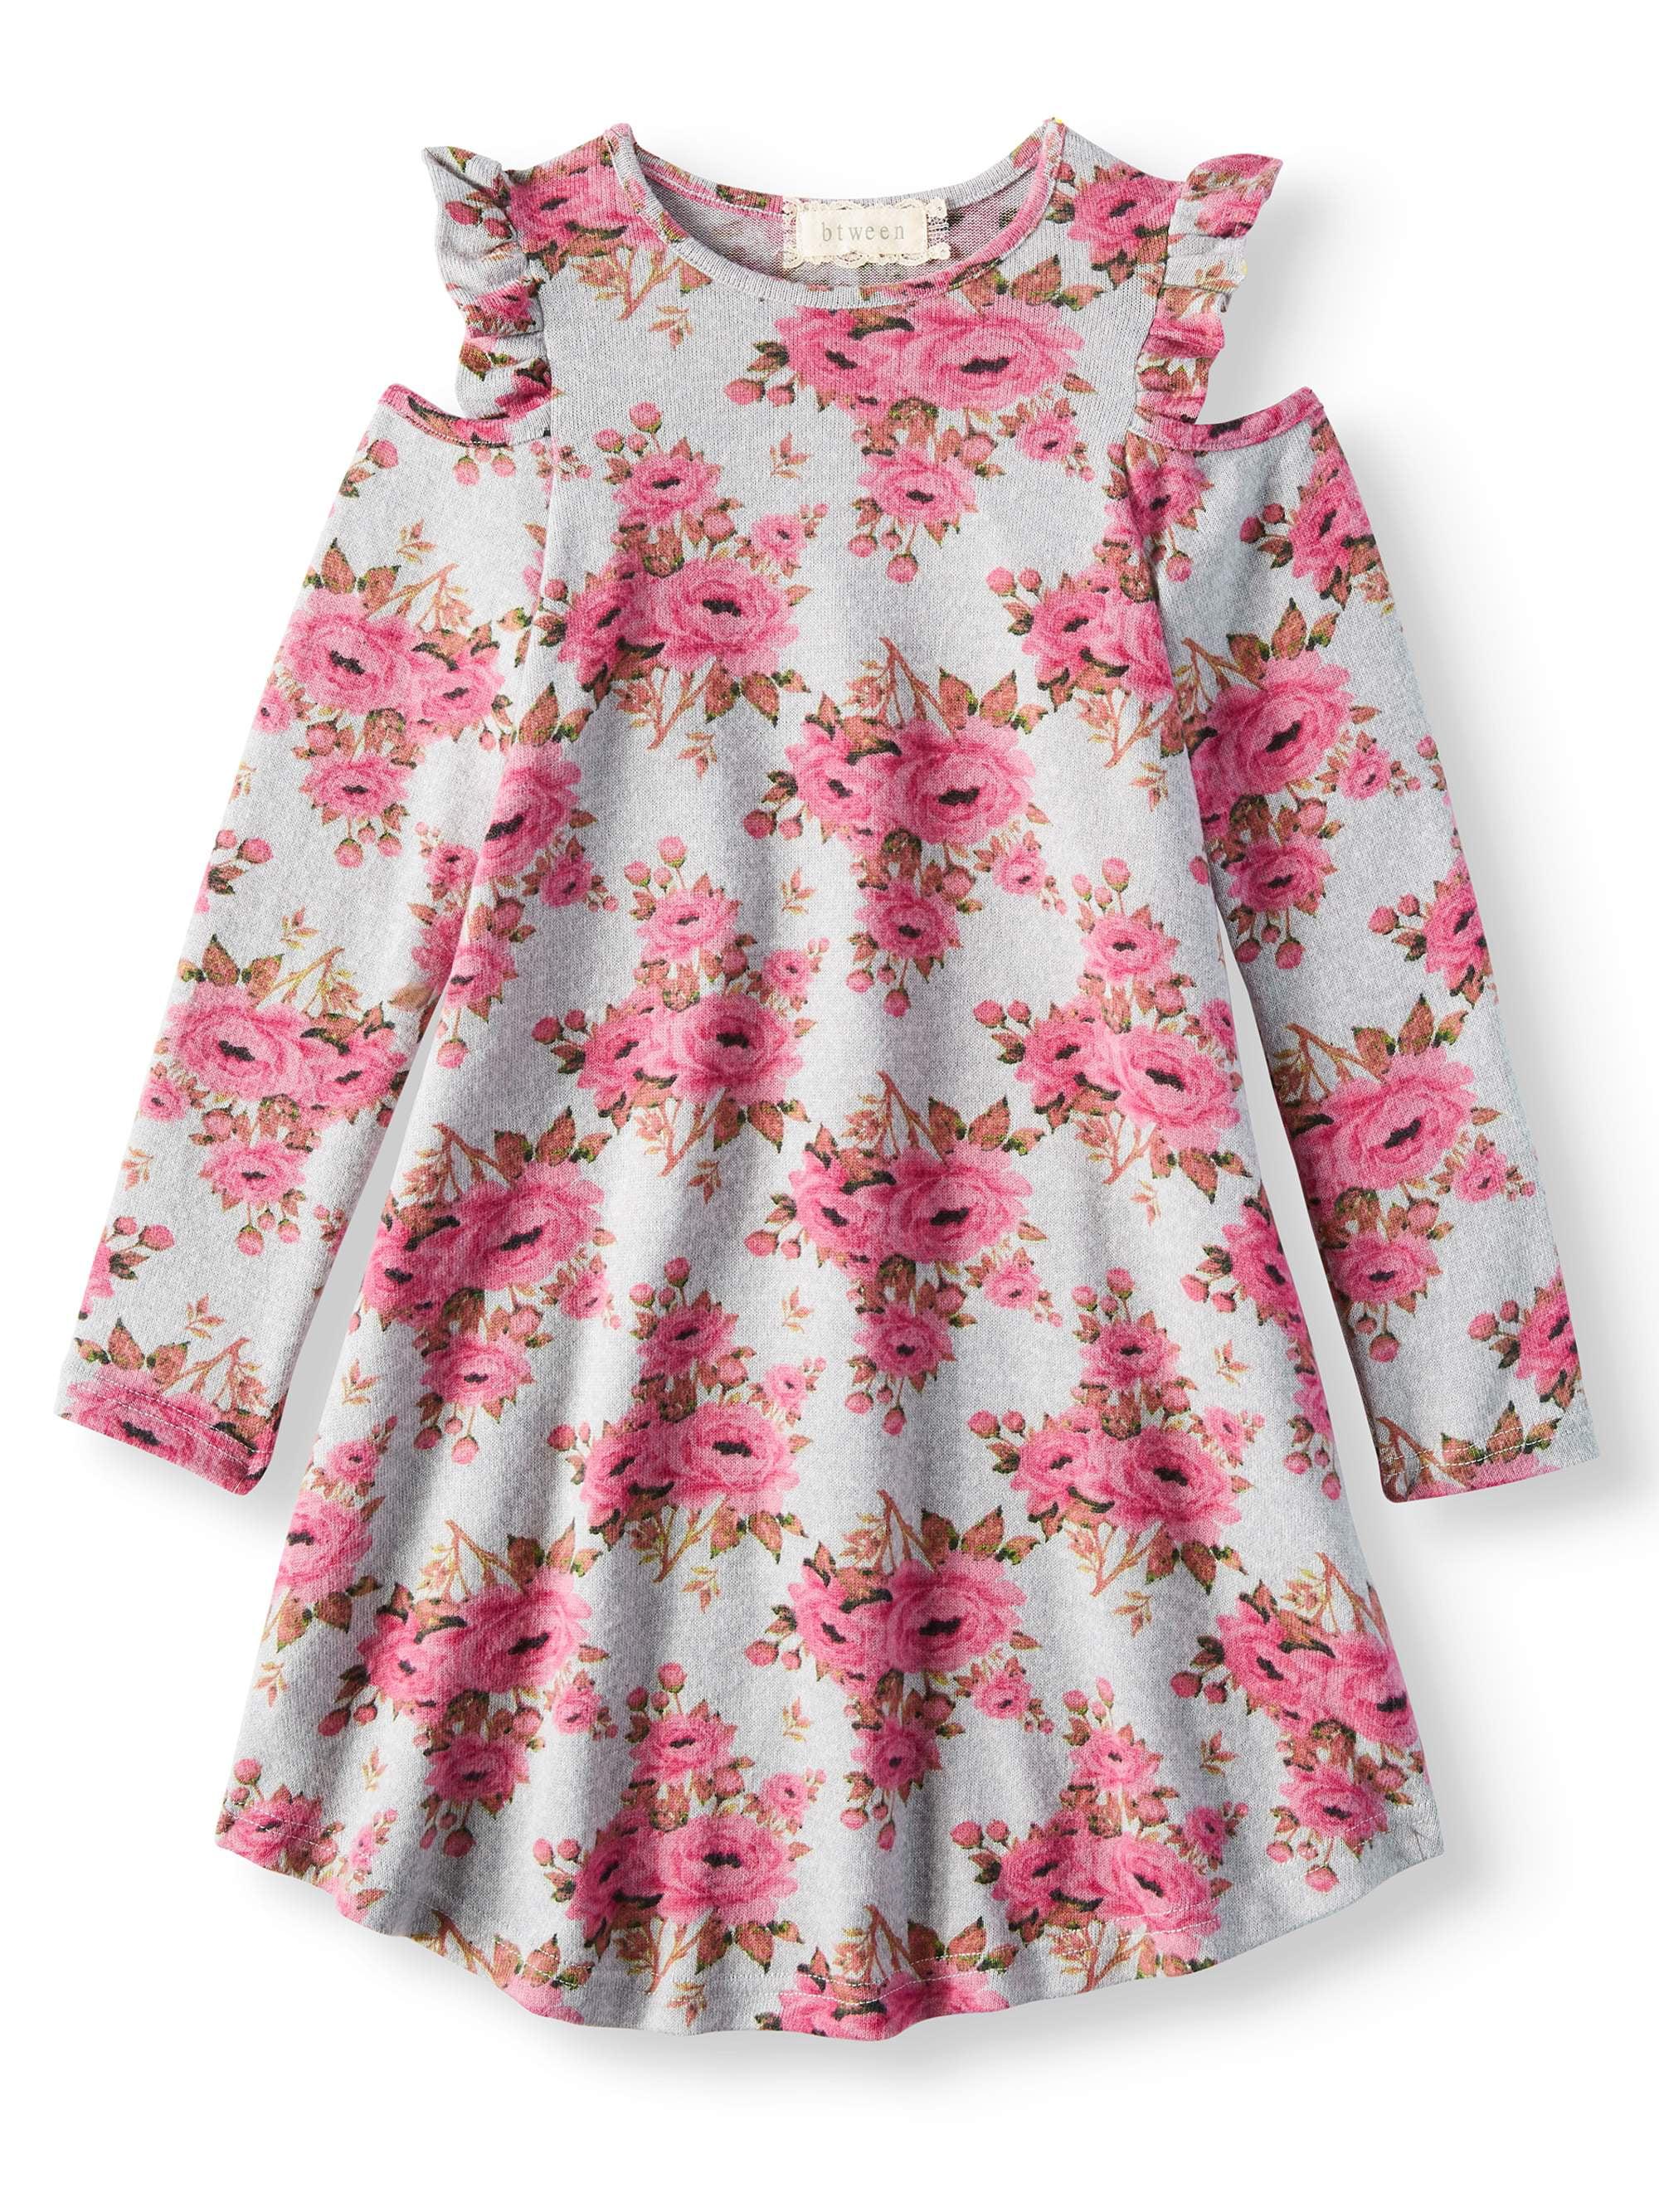 Floral Cold Shoulder Sweater Knit Dress